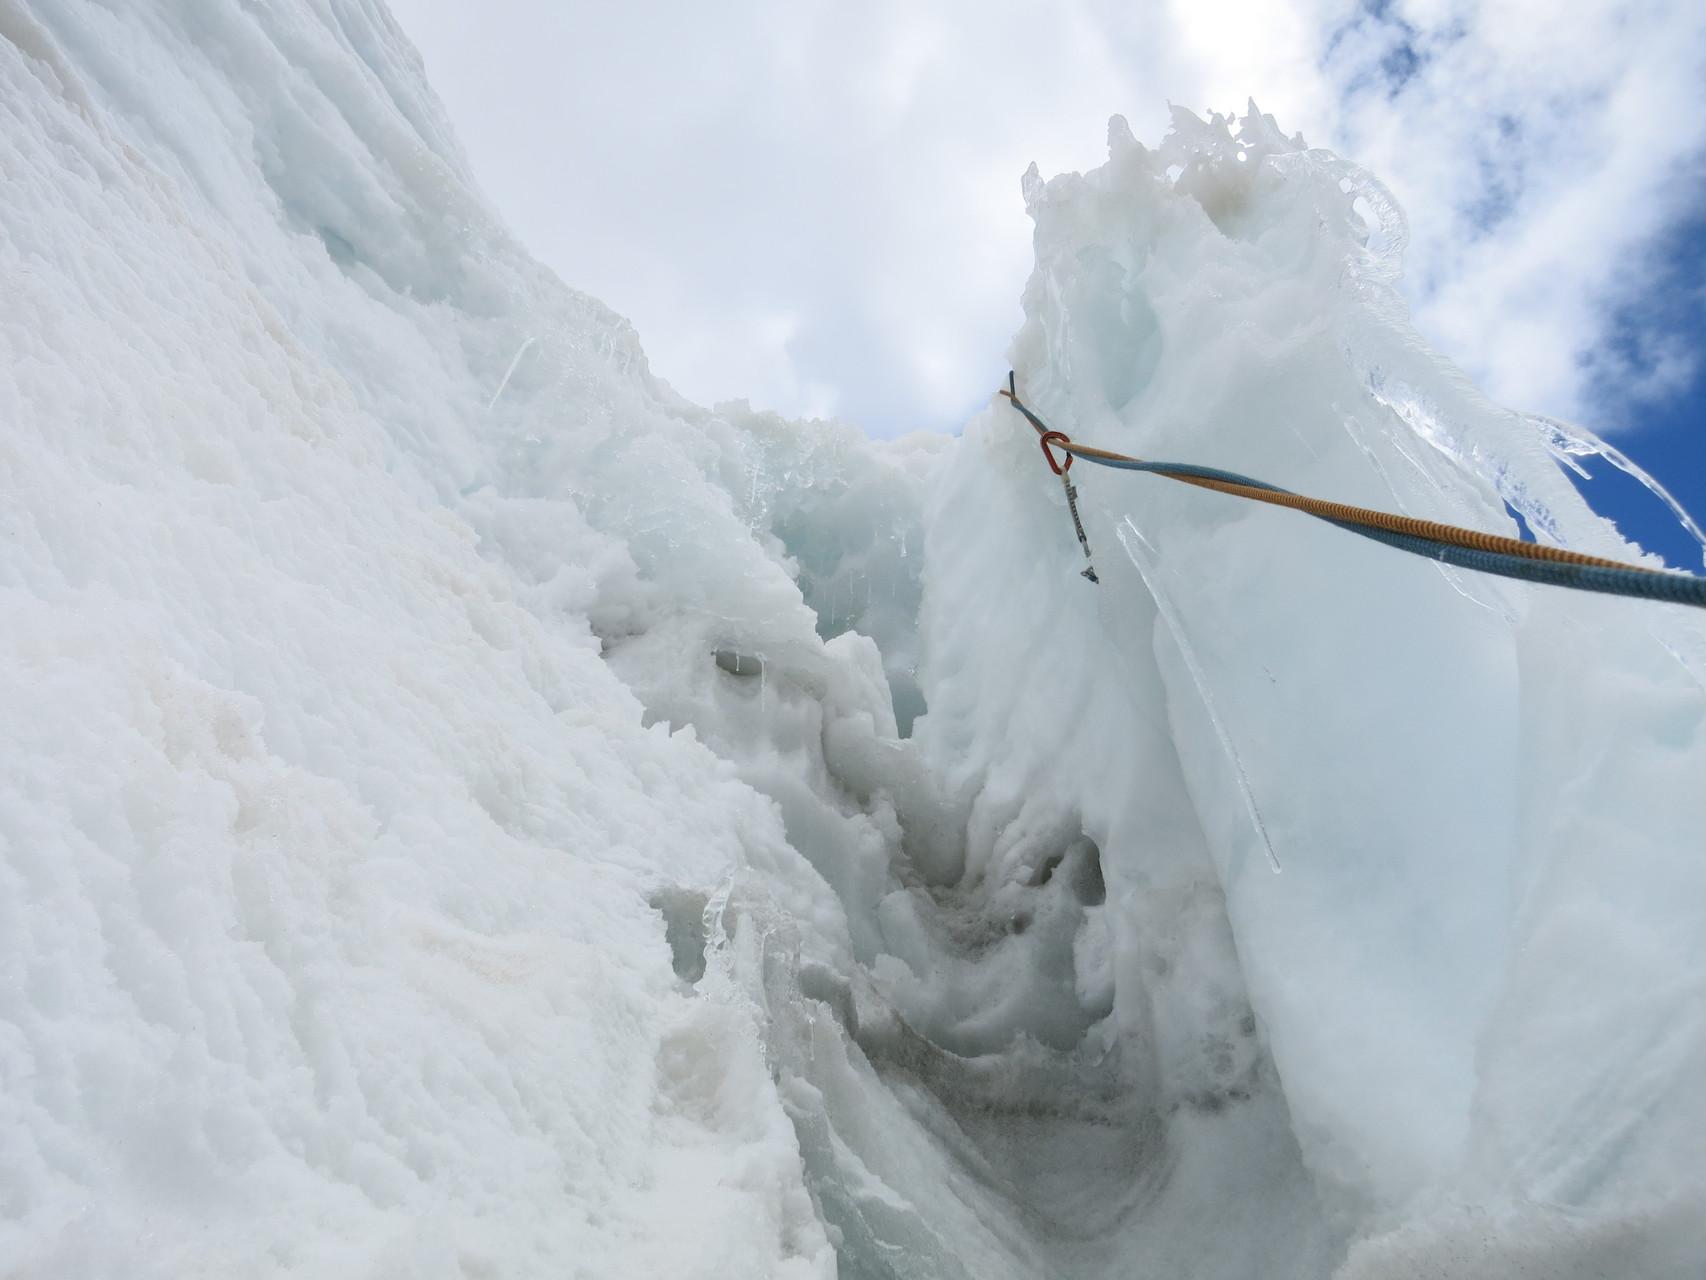 Cooler Eis-Schluss, Damian fotografierte dies während dem klettern